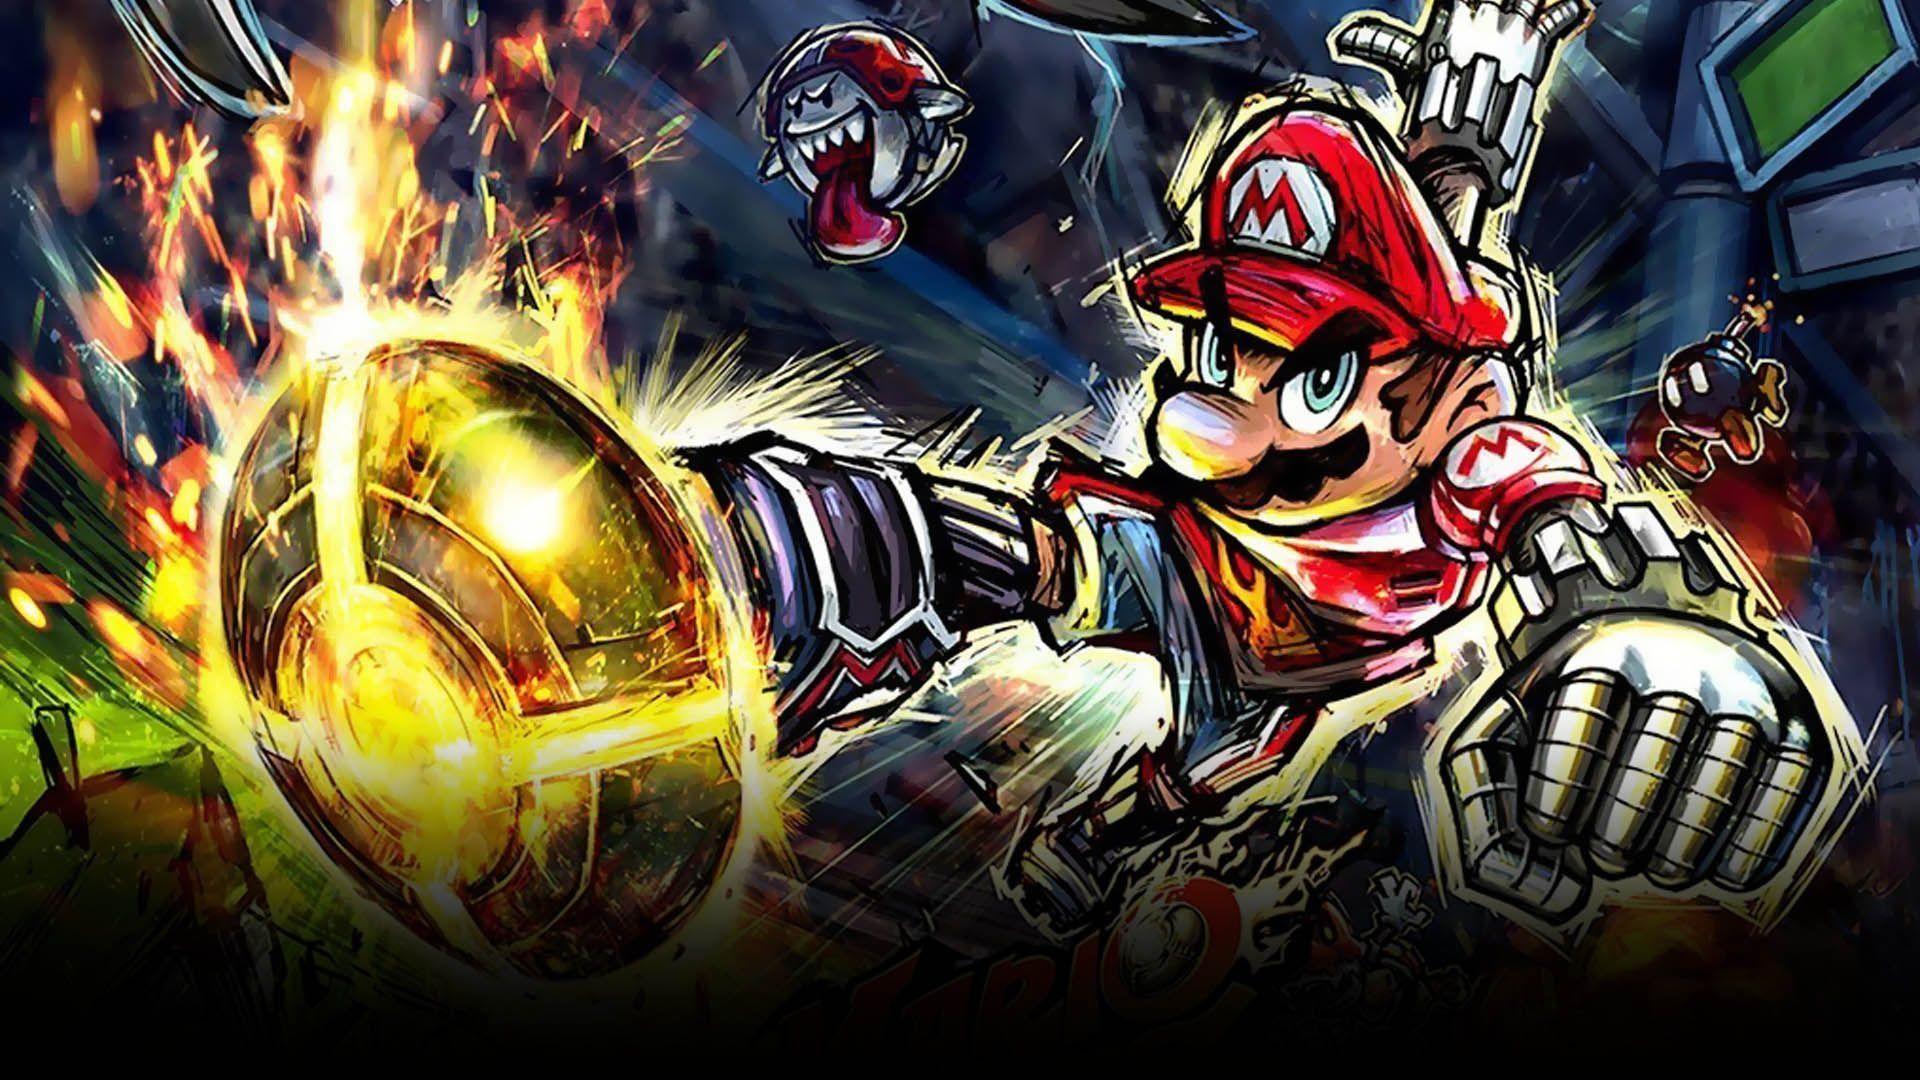 /5-video-games-that-desperately-deserve-a-sequel-6p2d33g4 feature image